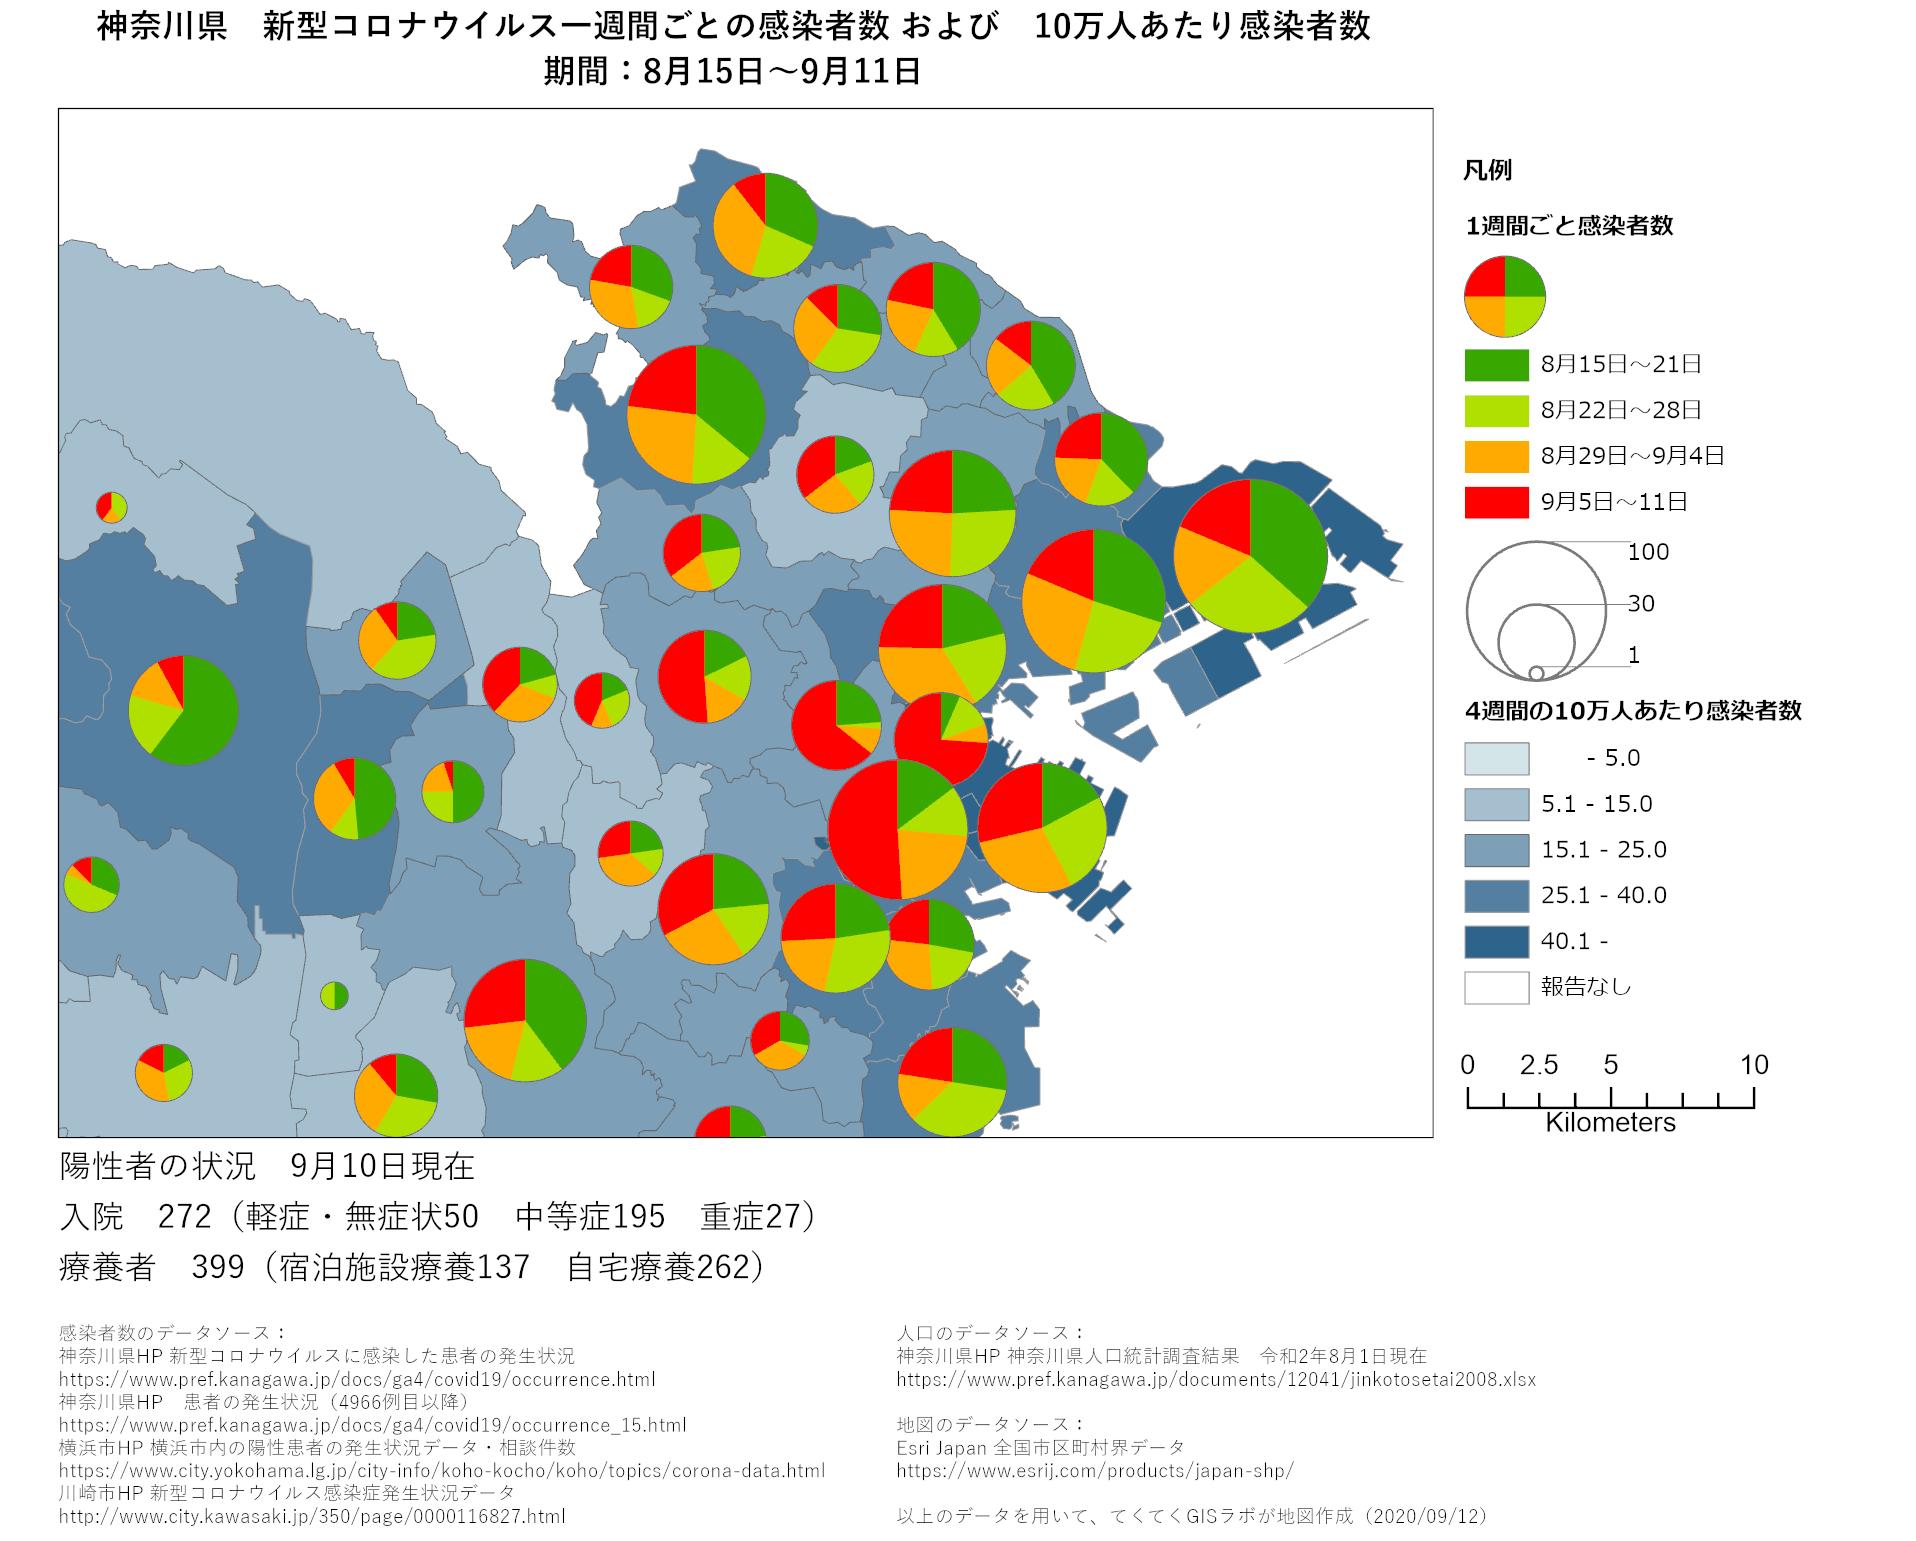 1週間ごと感染者数、神奈川県、8月15日〜9月11日